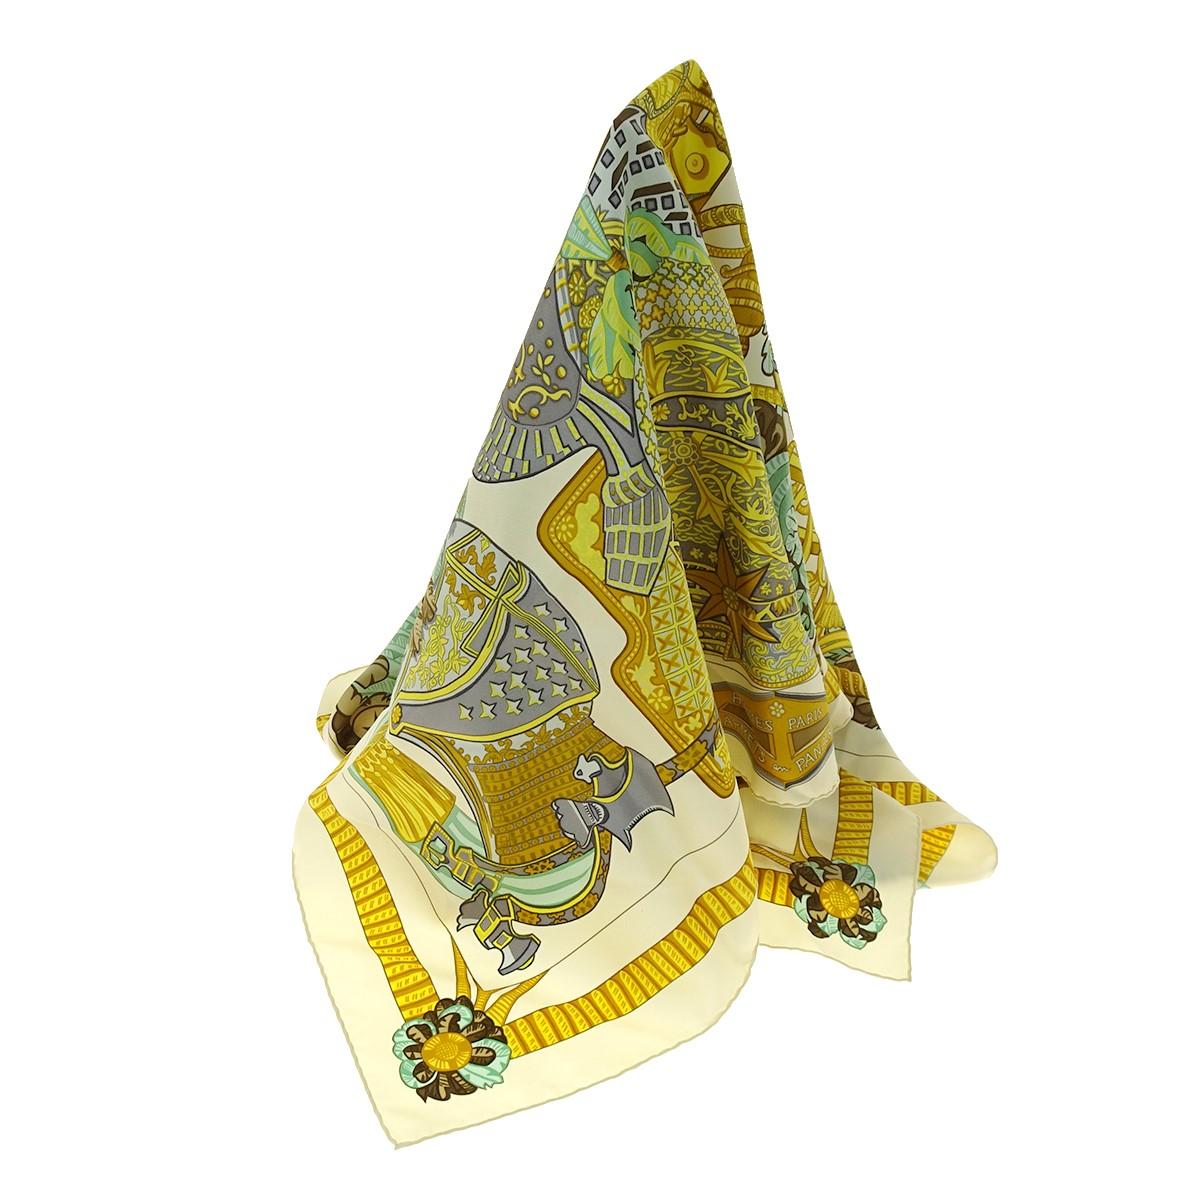 【中古】HERMES カレ90 ARMETS en PANACHE 羽飾りの兜 クリーム サイズ:- 【050320】(エルメス)